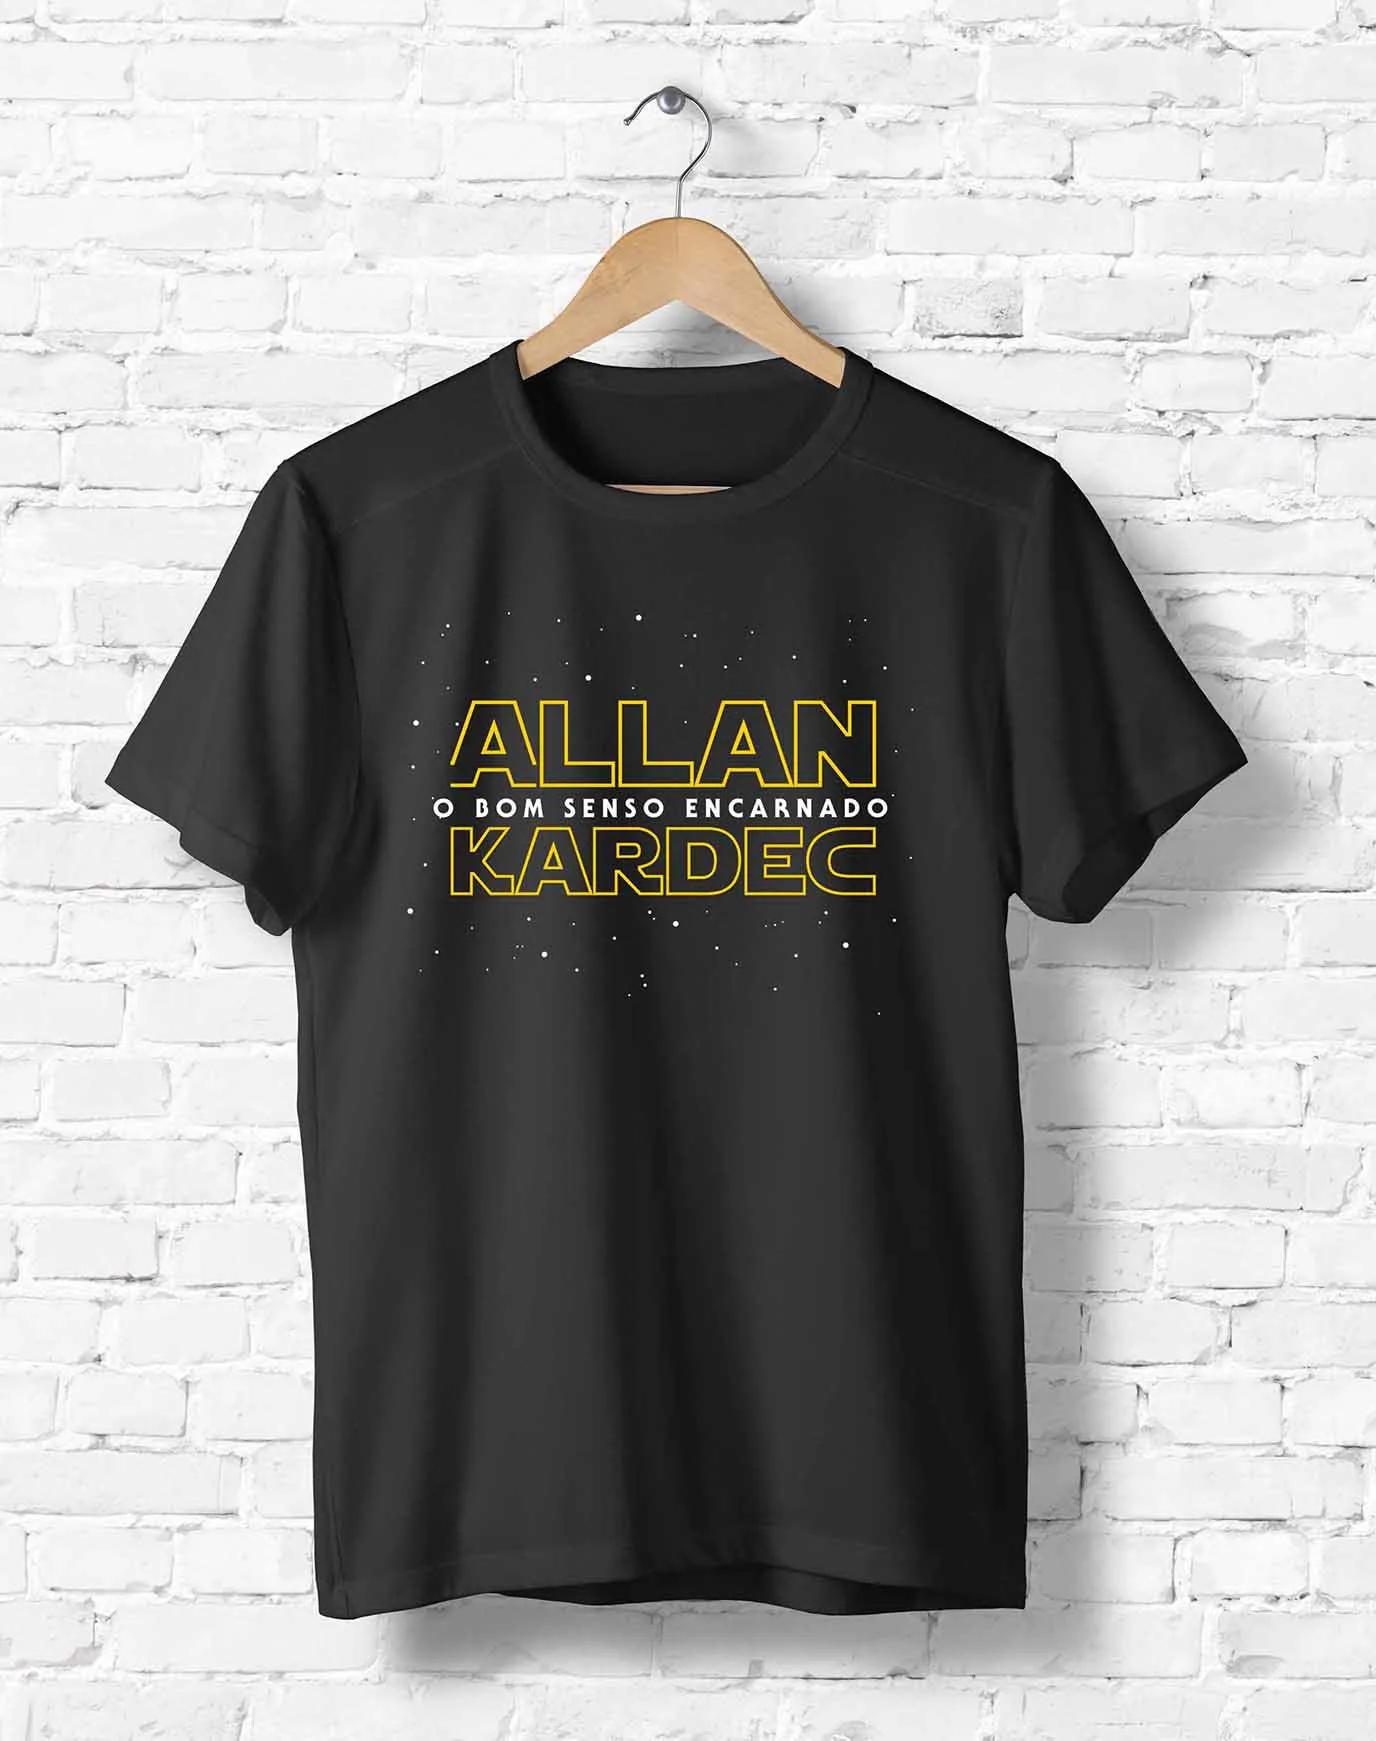 Camiseta Kardec - O Bom Senso Encarnado